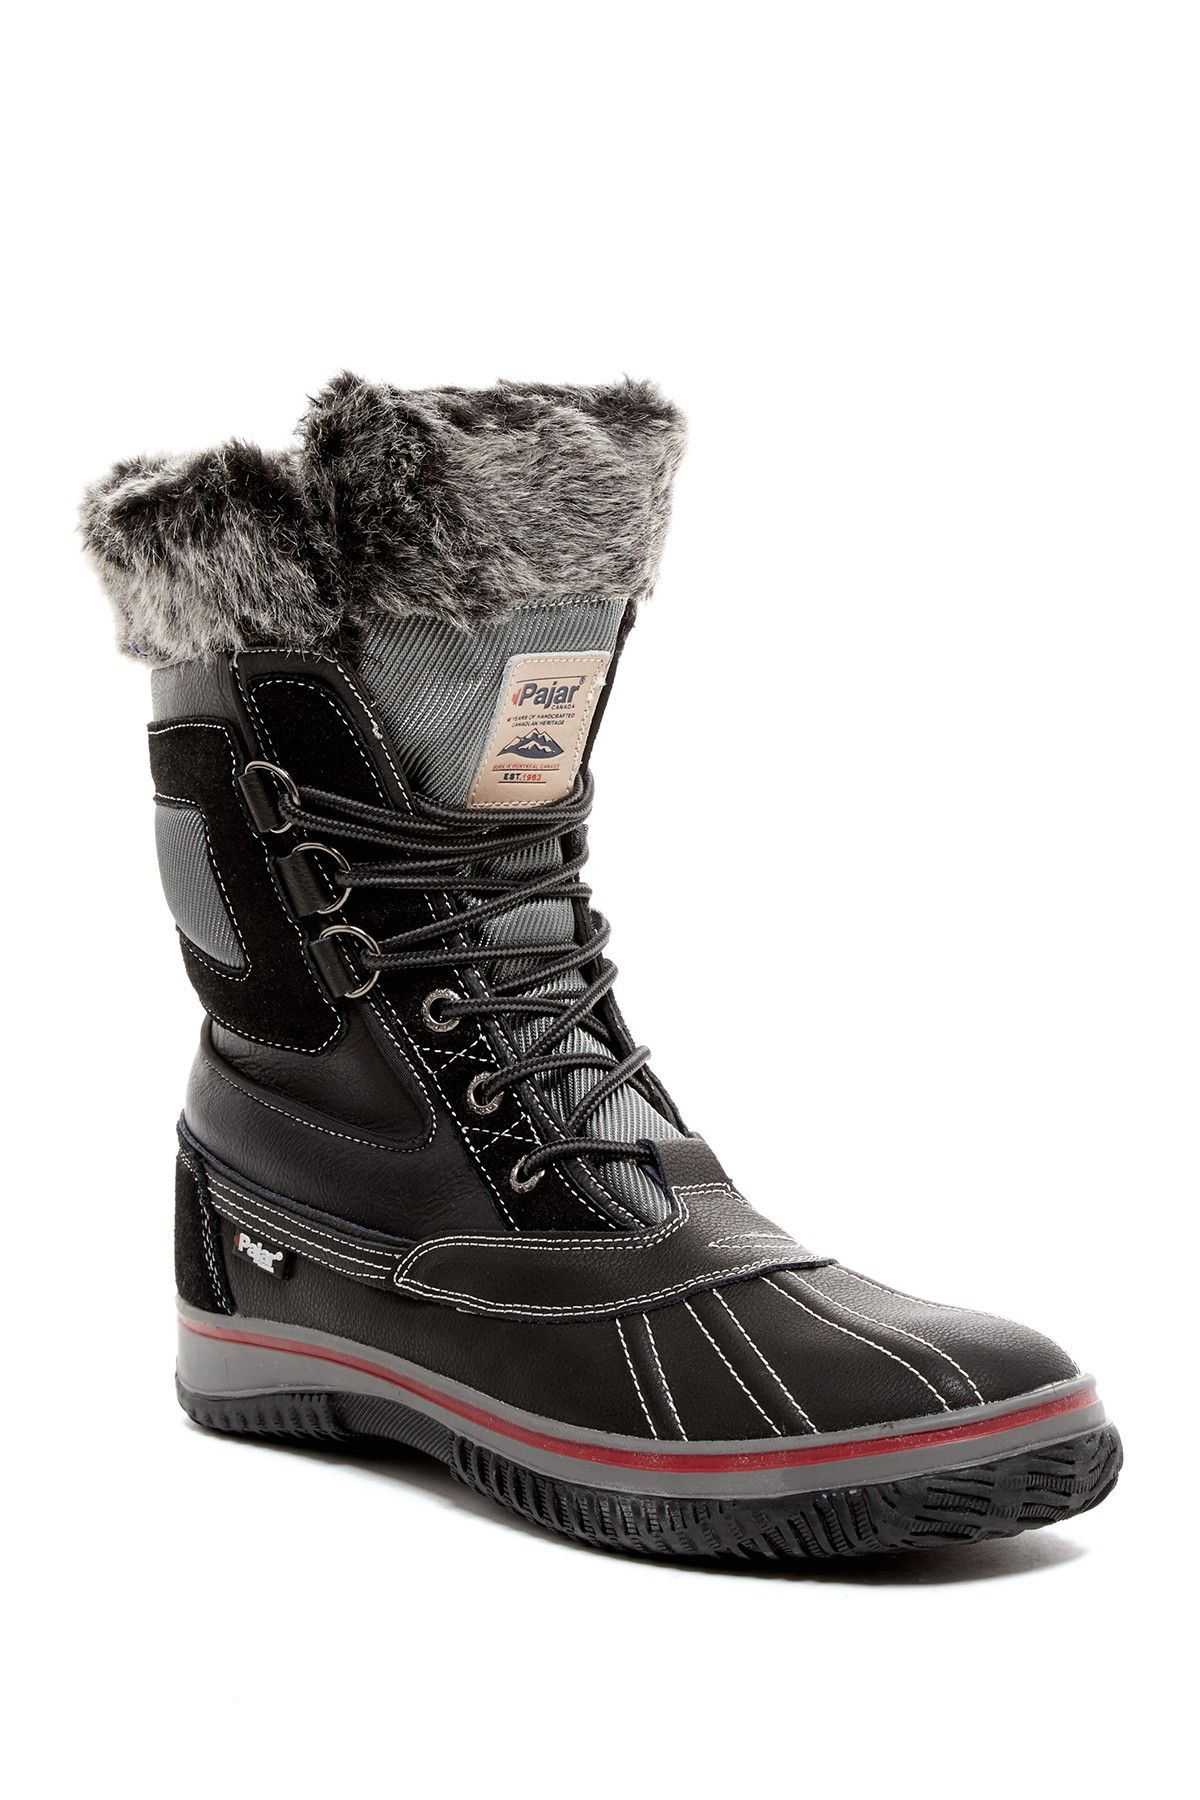 Pajar Tyrol Fleece Trim Waterproof Boot Boots